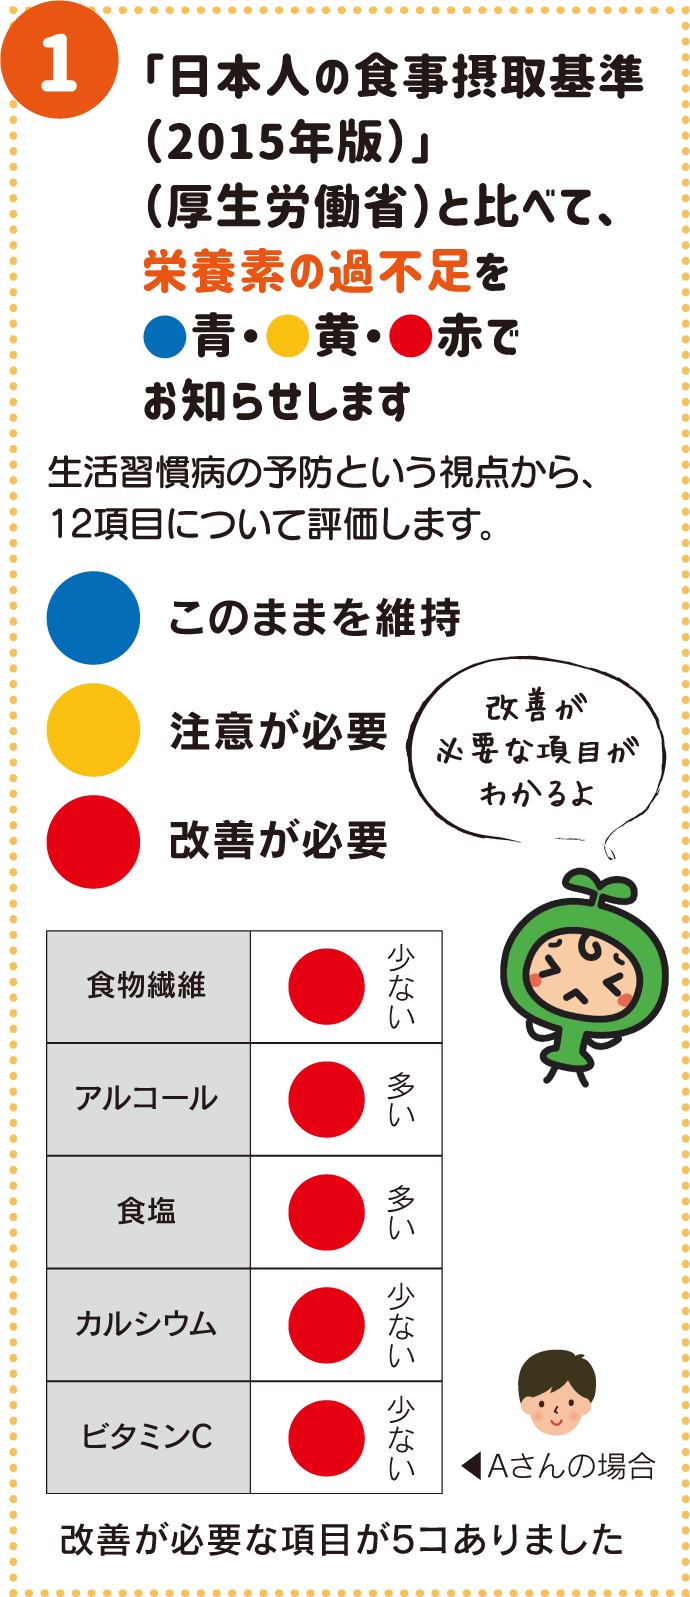 「日本人の食事摂取基準(2015年版)」(厚生労働省)と比べて、栄養素の過不足を青・黄・赤でお知らせします